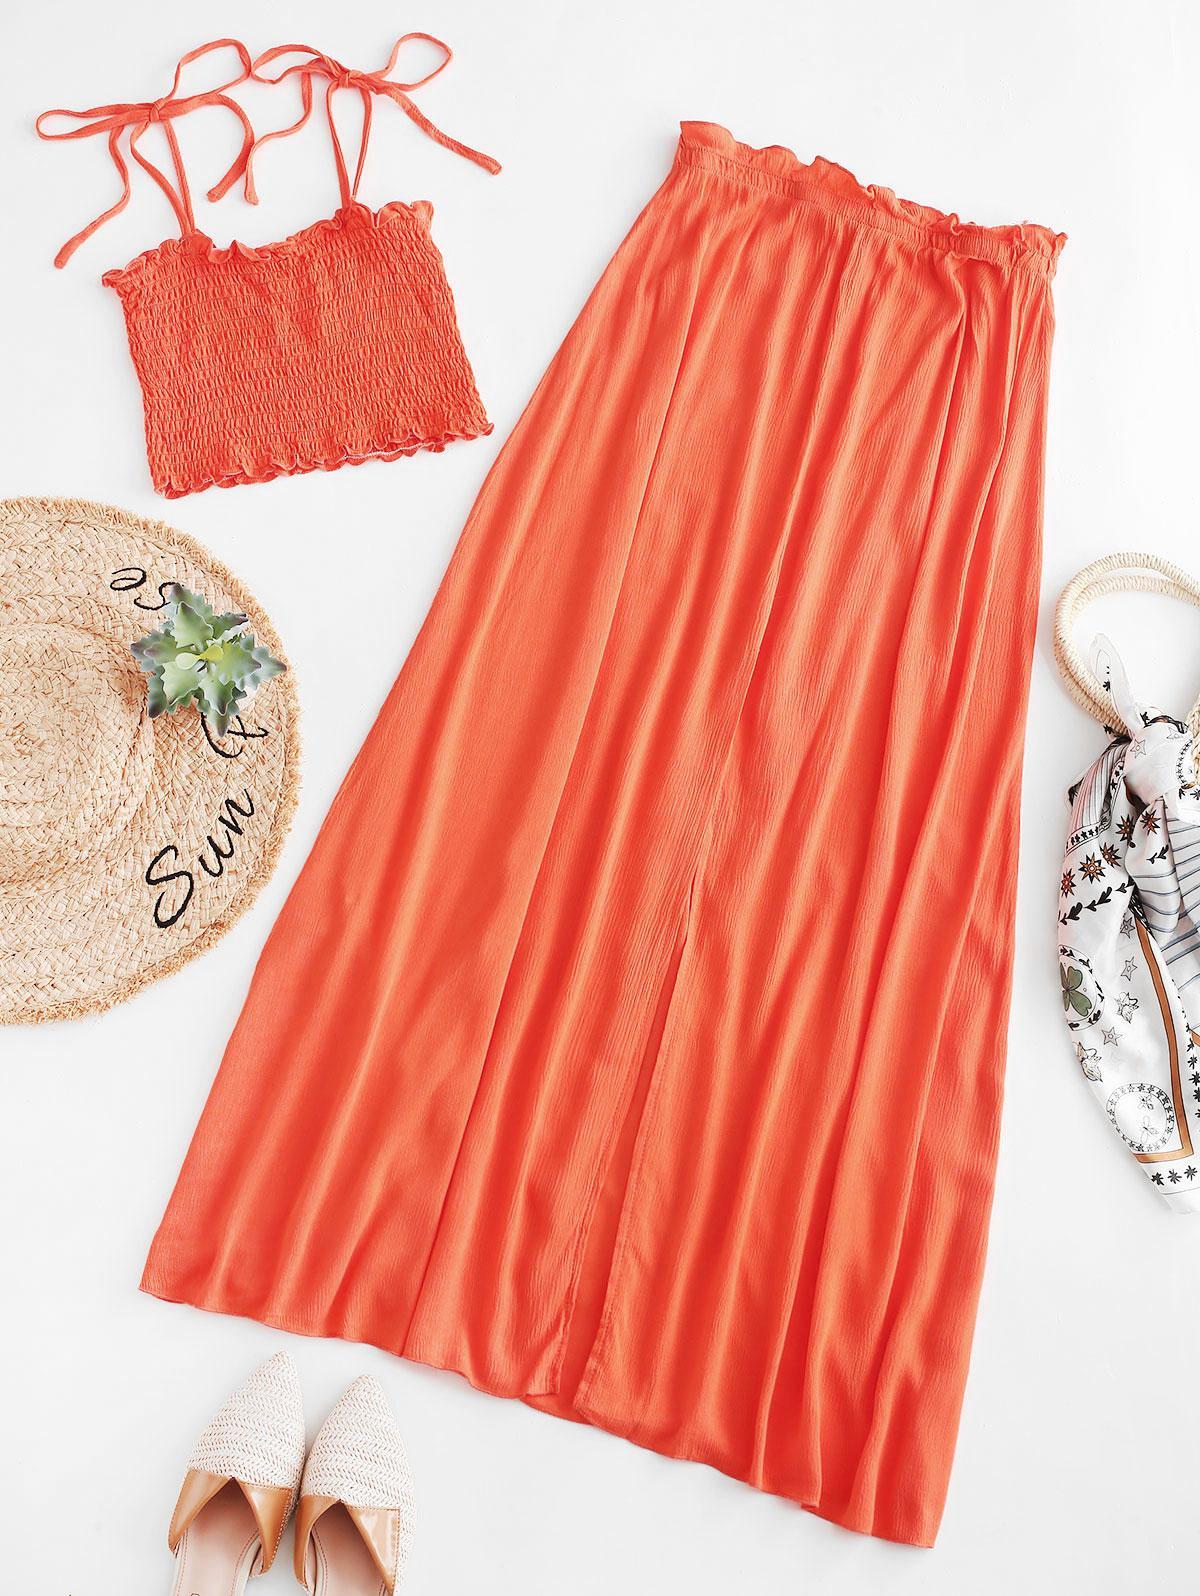 ZAFUL Smocked Cami Top and Slit Skirt Set, Mango orange